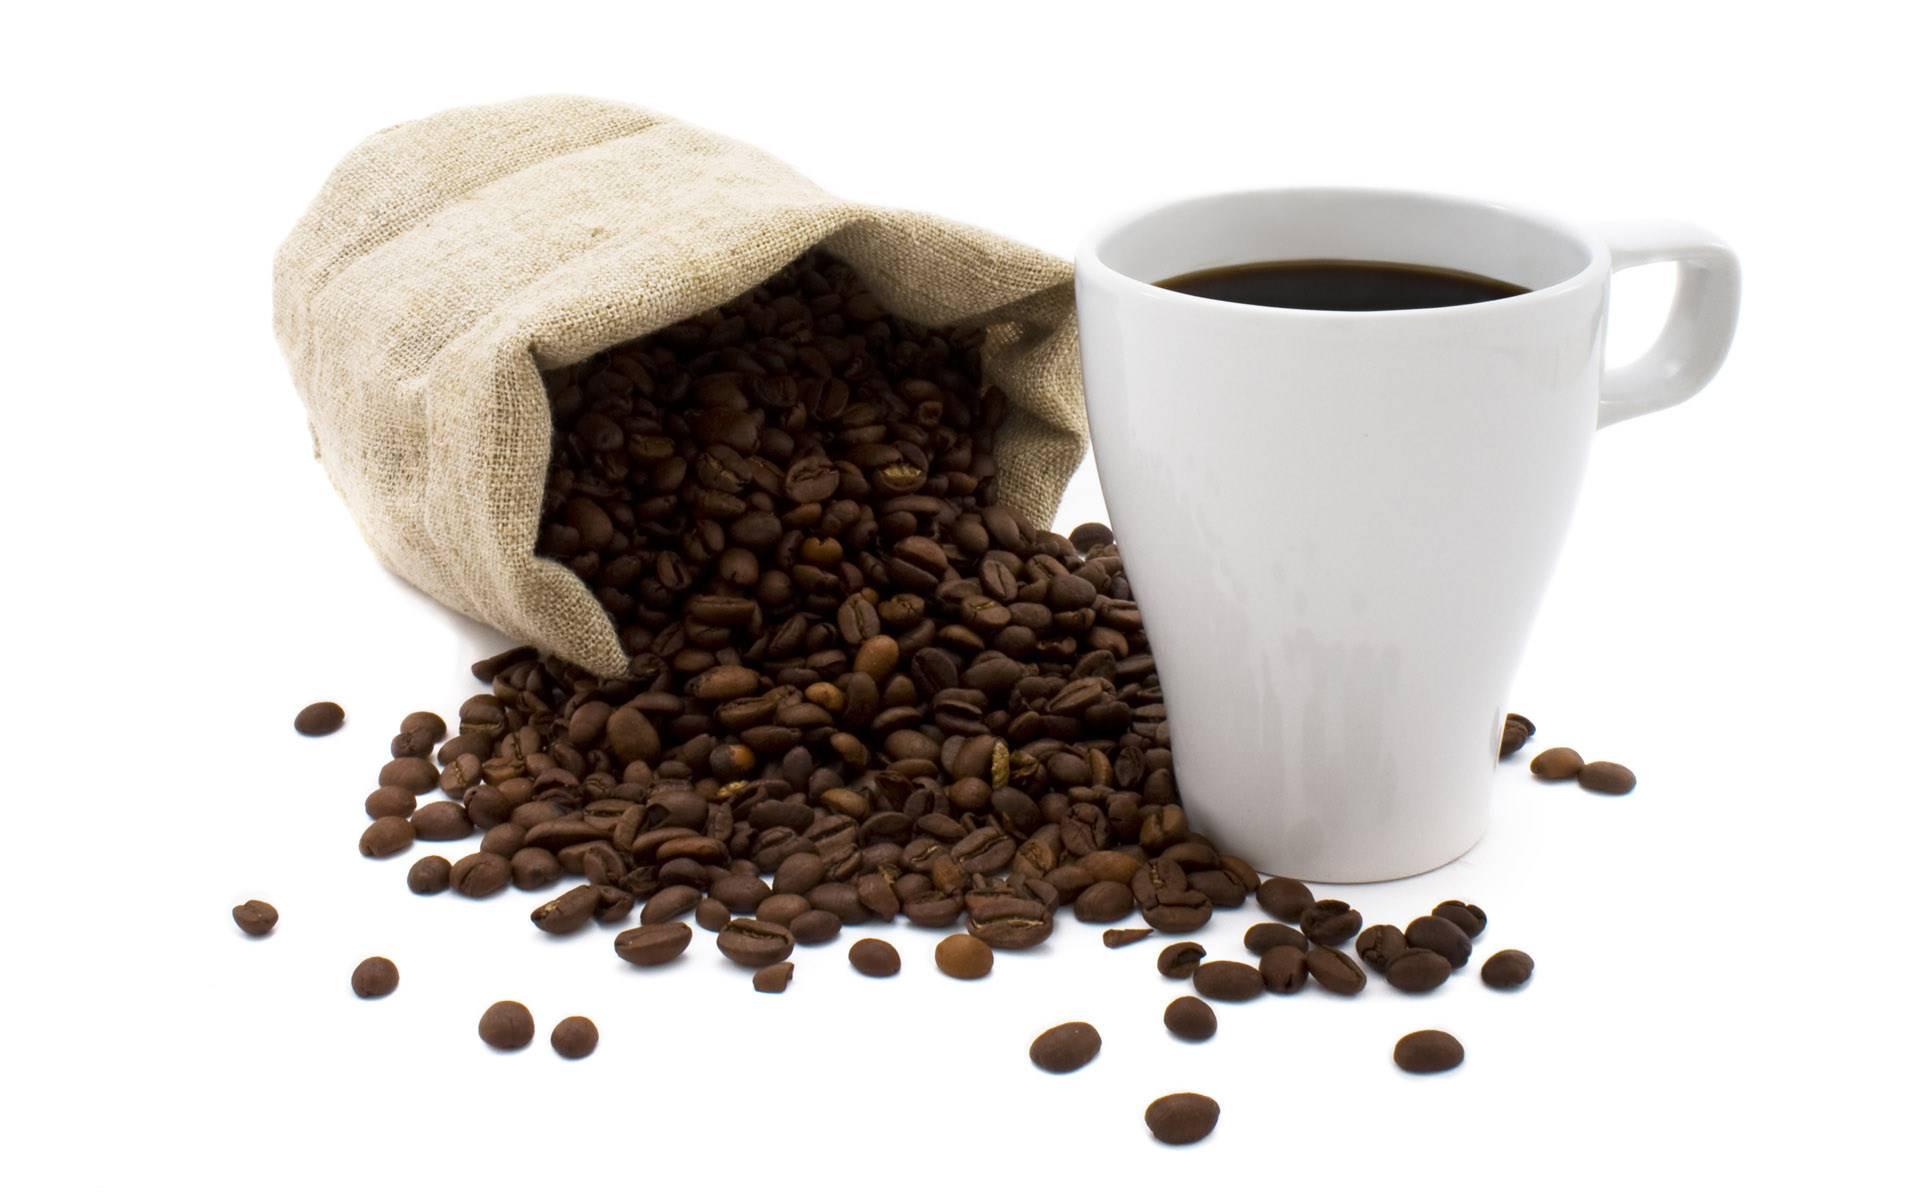 Кофейная диета на 7 дней, диета на кофе с молоком, диета на кофе и сыре